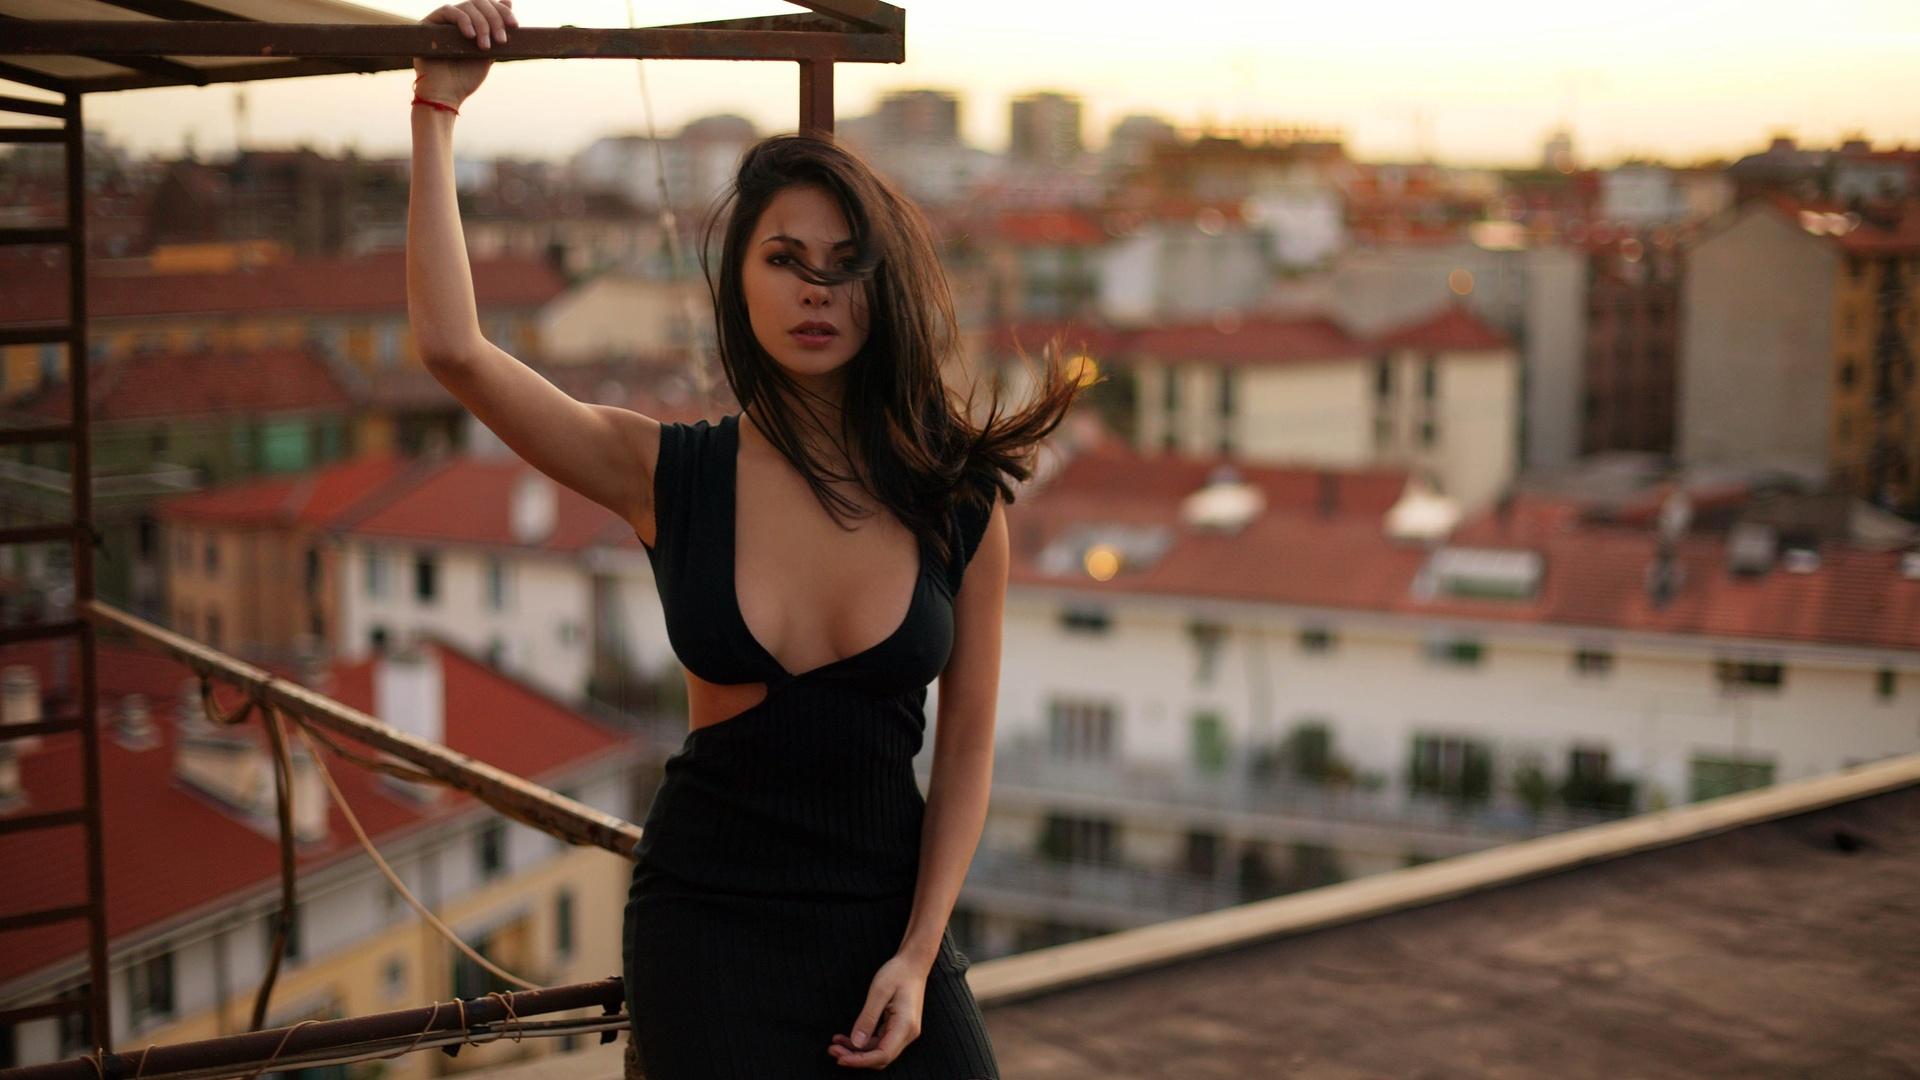 Gennaro brigante bodybuilder porn star images